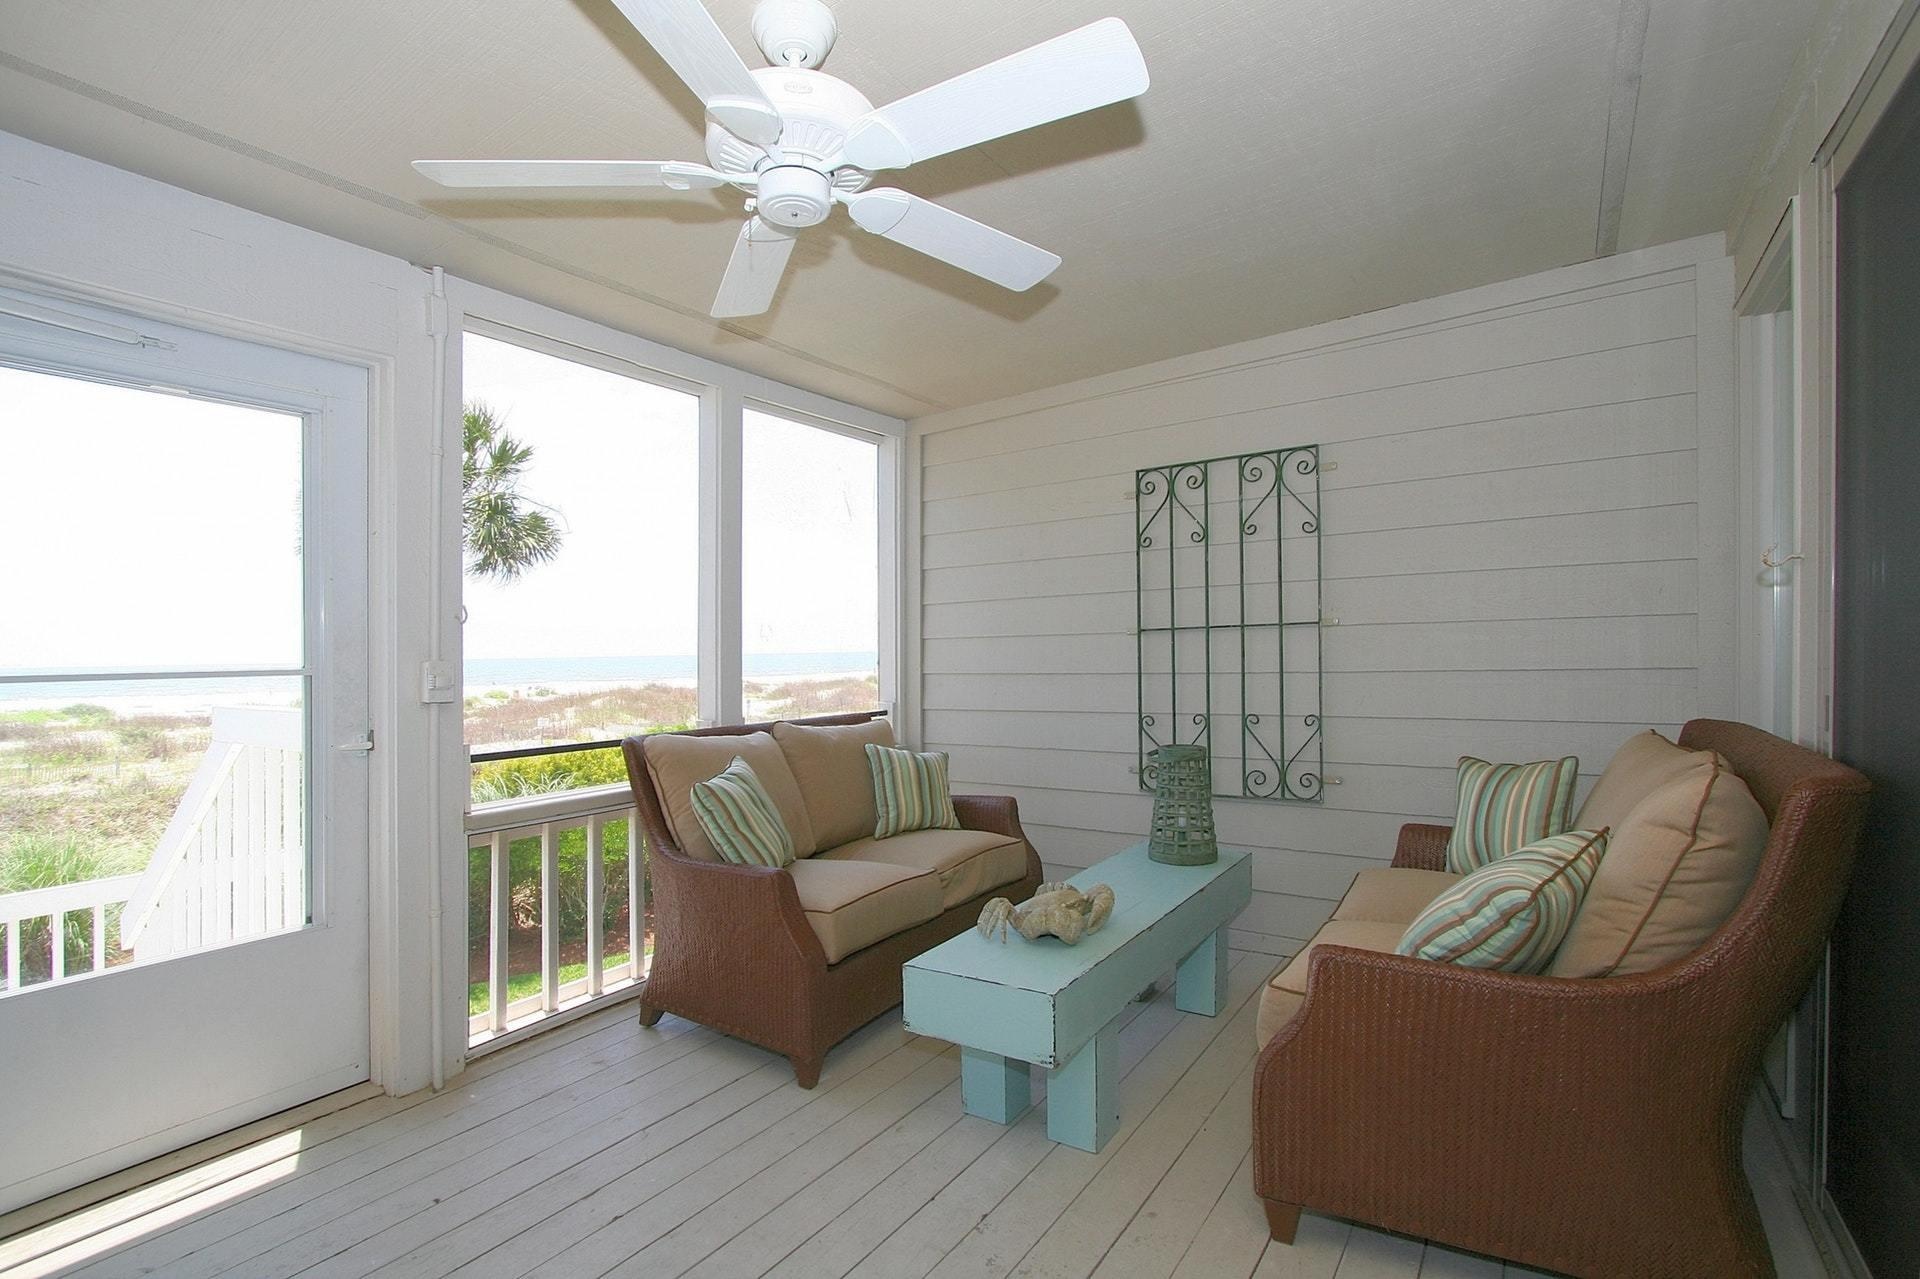 Beach Club Villas Homes For Sale - 34 Beach Club Villas, Isle of Palms, SC - 13